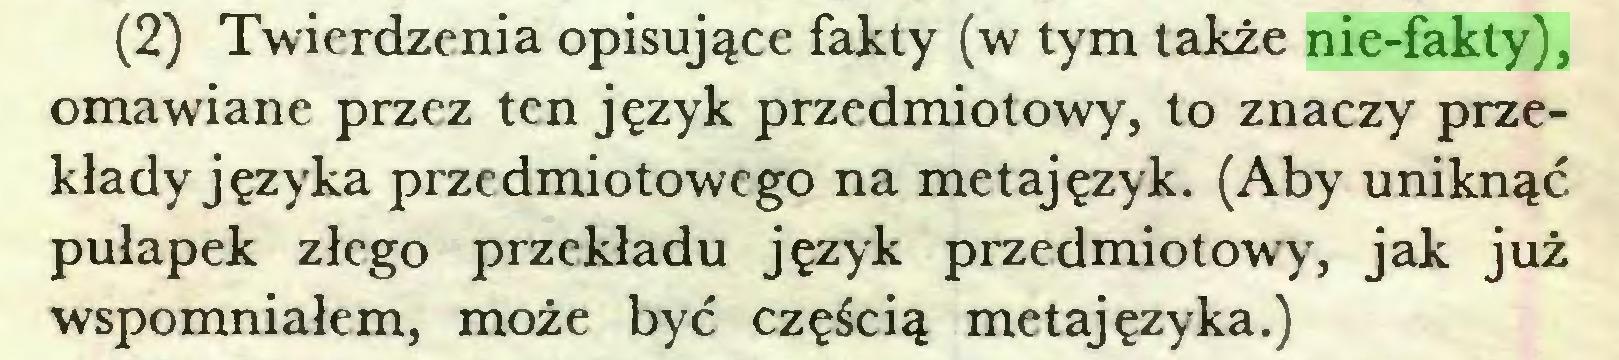 (...) (2) Twierdzenia opisujące fakty (w tym także nie-fakty), omawiane przez ten język przedmiotowy, to znaczy przekłady języka przedmiotowego na metajęzyk. (Aby uniknąć pułapek złego przekładu język przedmiotowy, jak już wspomniałem, może być częścią metajęzyka.)...